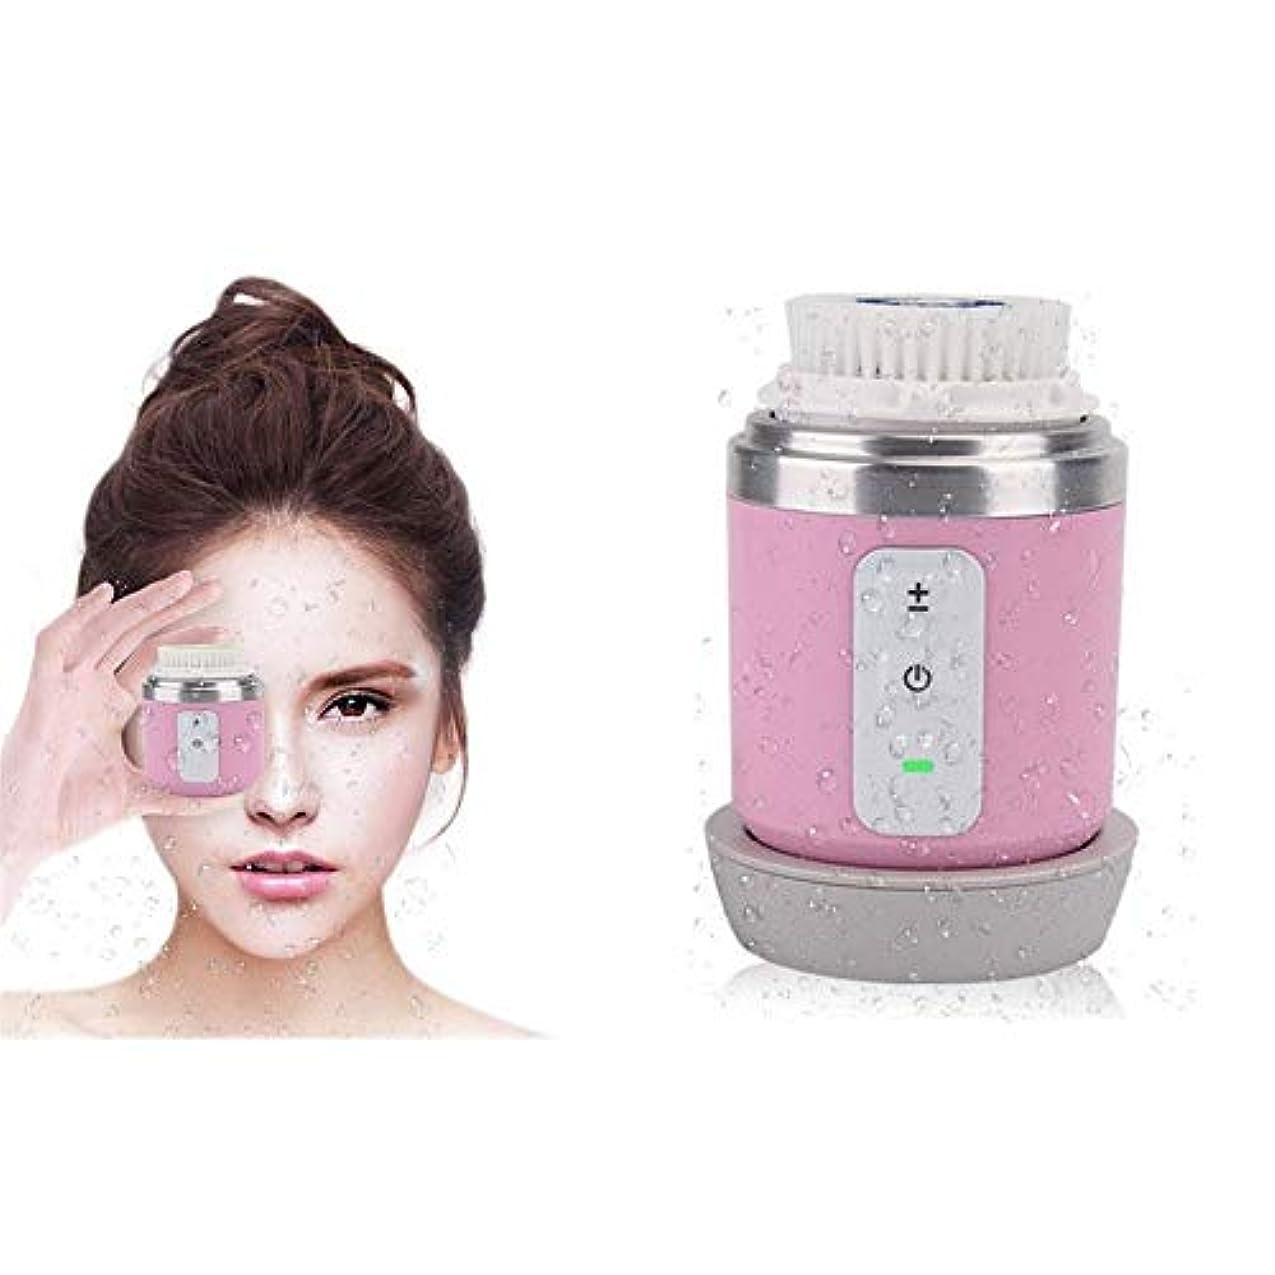 州エミュレートする聖域フェイシャル?クレンザーブラシ、電動洗顔ブラシ、エクスフォリエイティングとブラックヘッドのためにブラックヘッドシリコーン美容インストゥルメントアプライアンスに防水クレンジング器振動クリーナー毛穴